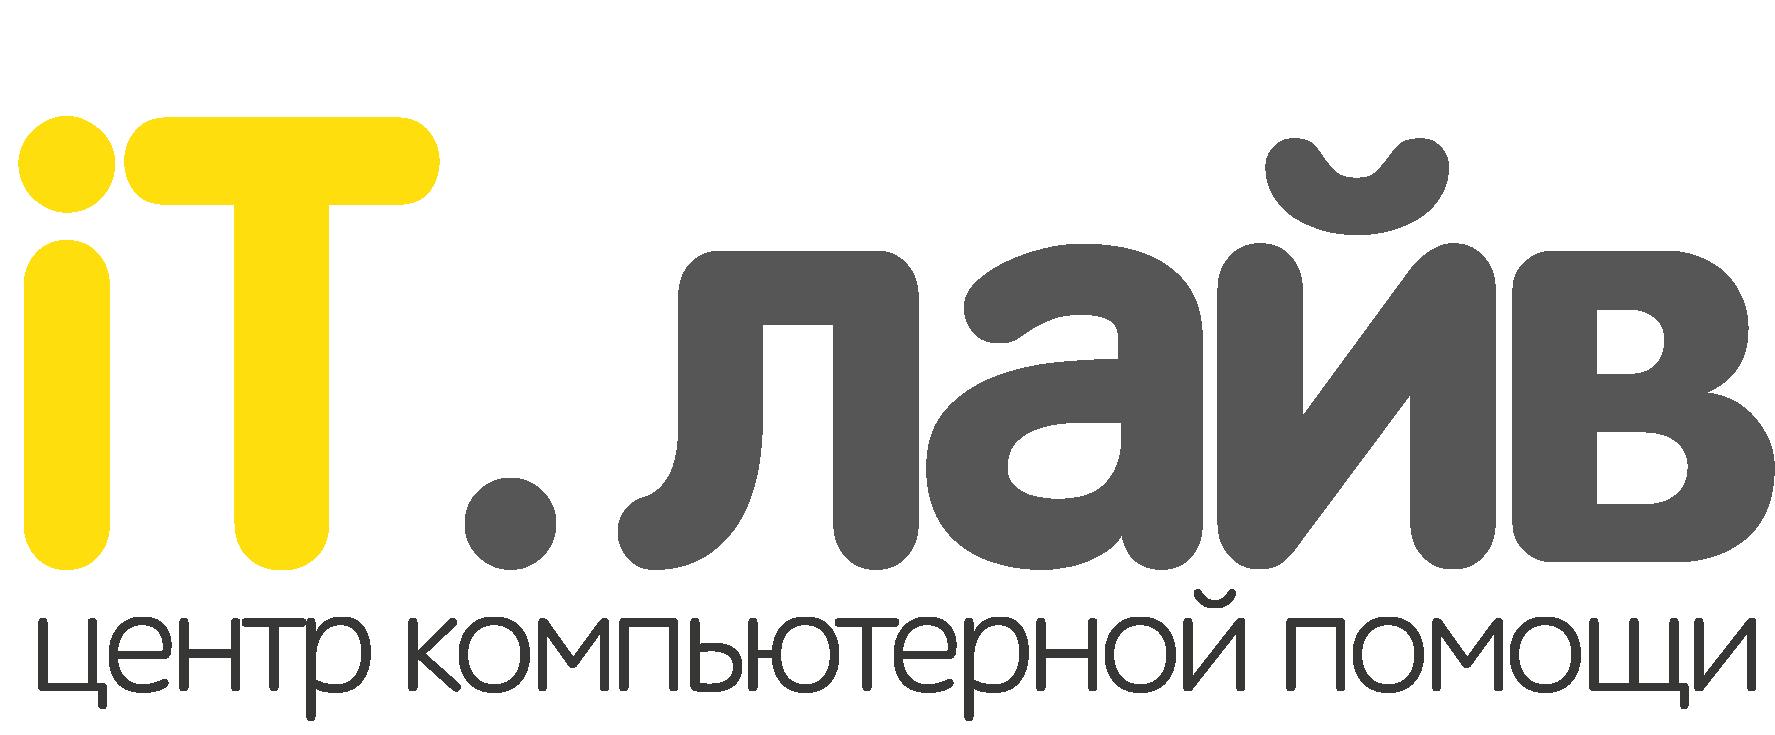 Главная страница - Компьютерная мастерская IT.лайв Первоуральск